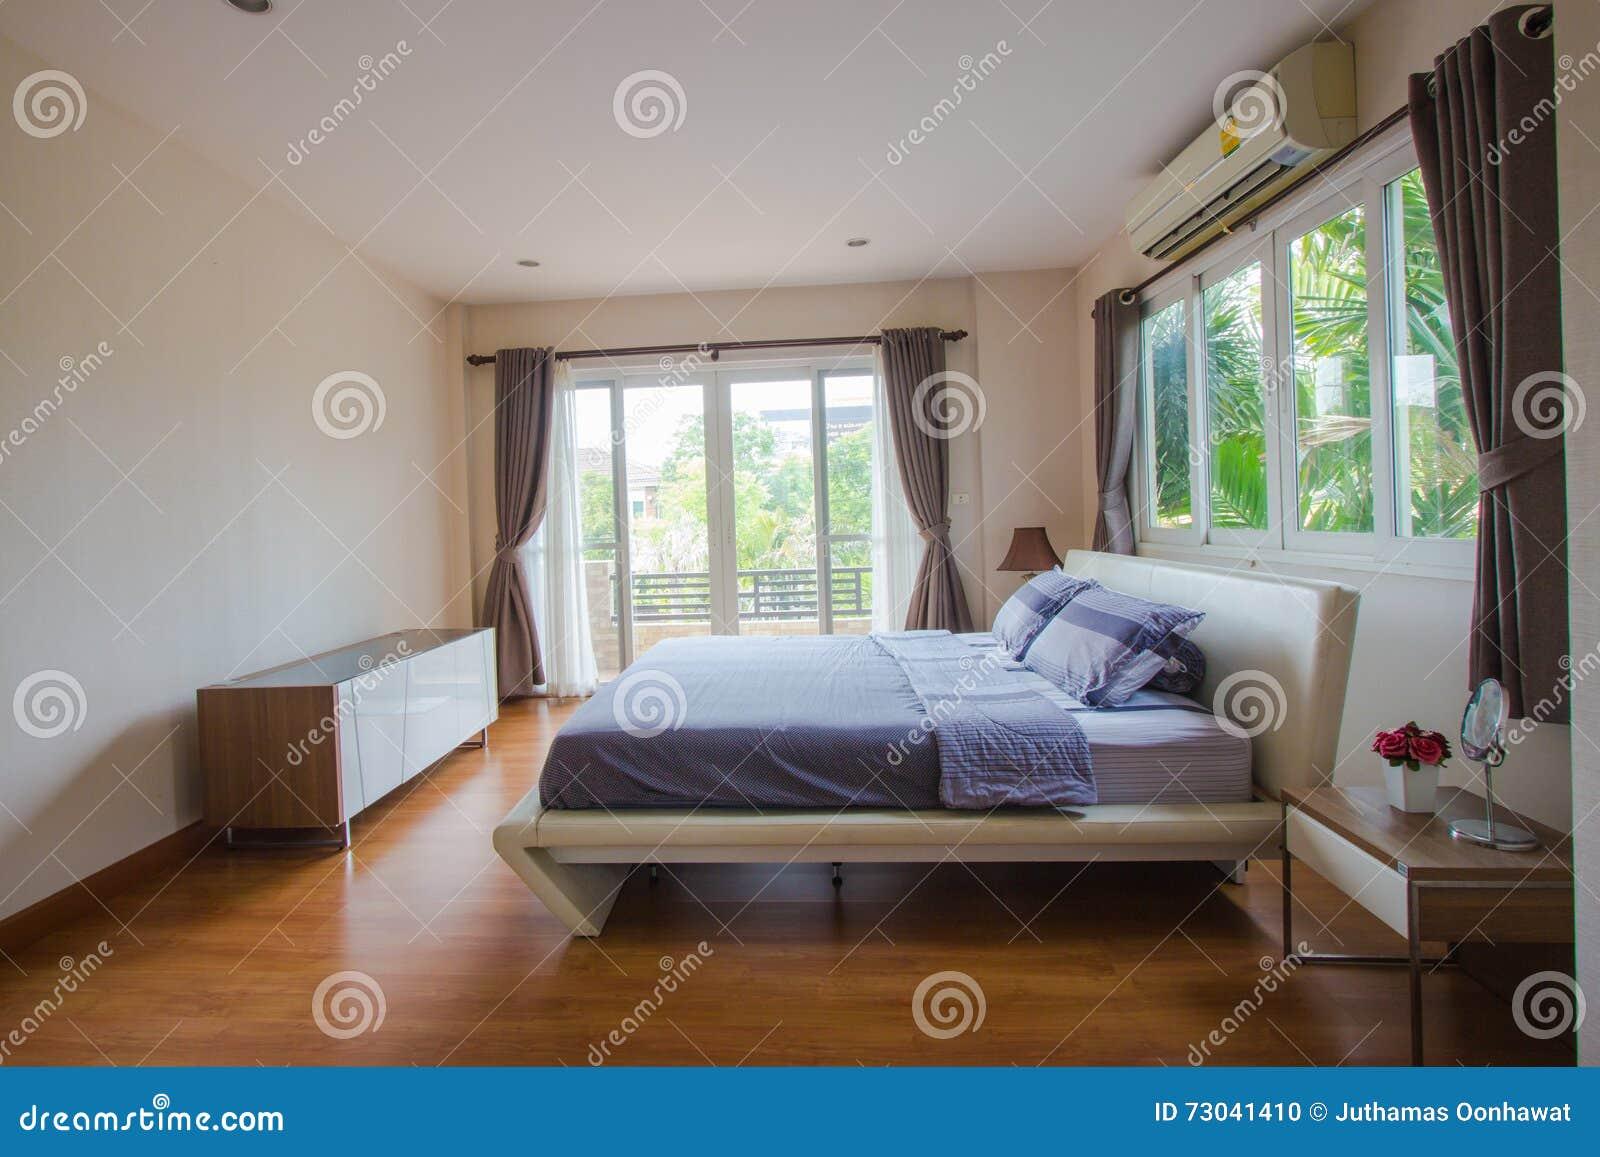 Innenarchitektur - Großes Modernes Schlafzimmer Stockfoto - Bild von ...